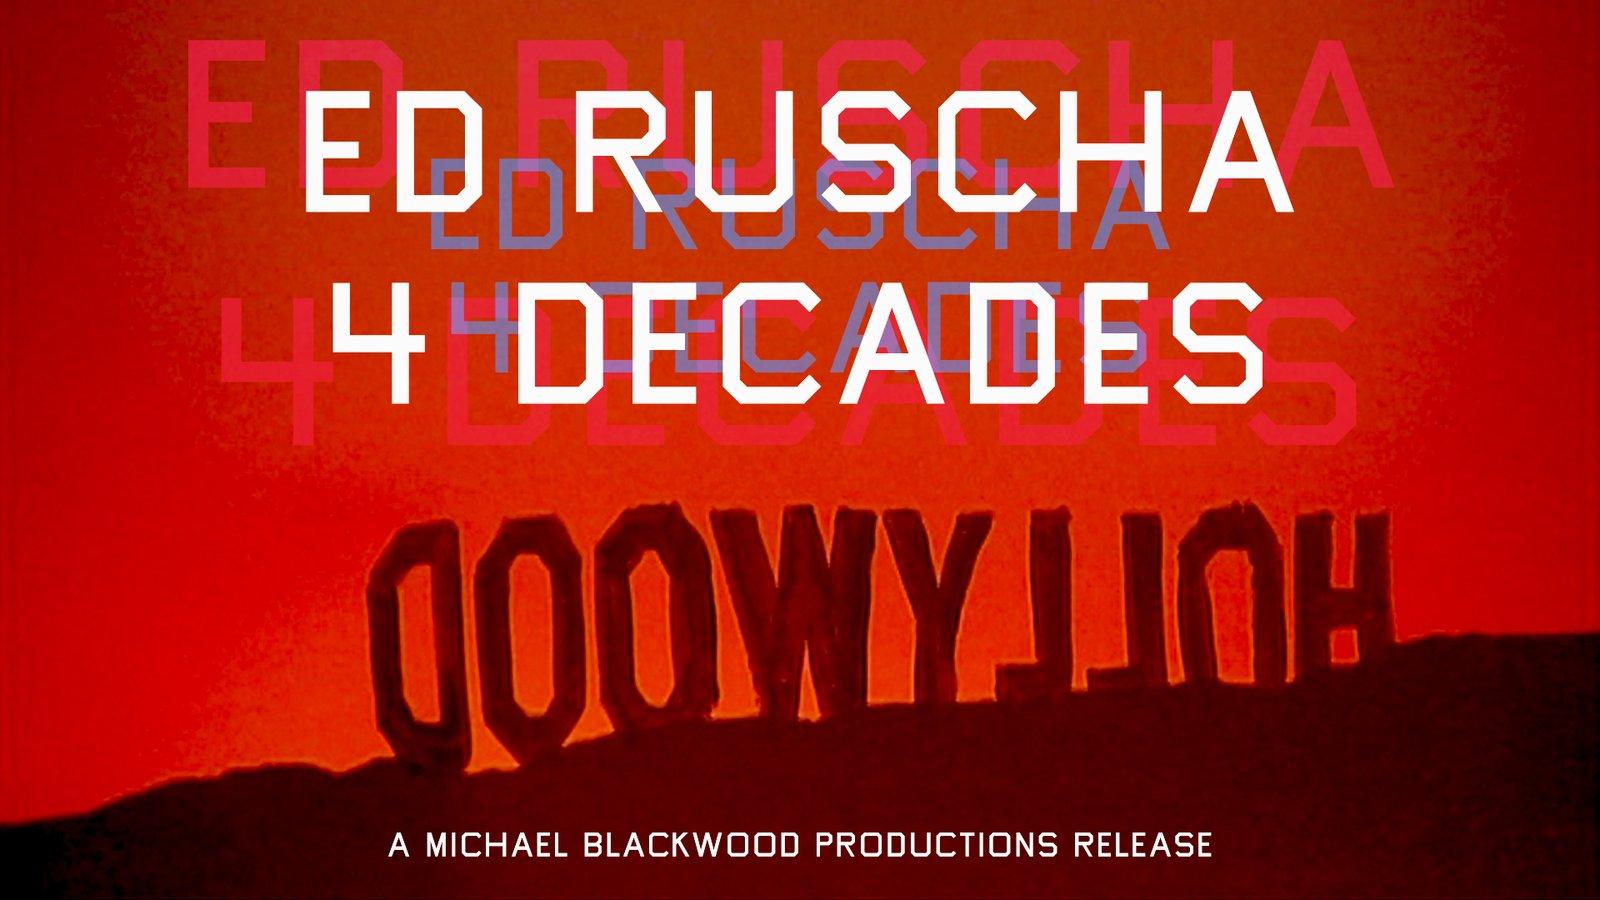 Ed Ruscha: 4 Decades - An American Pop Artist